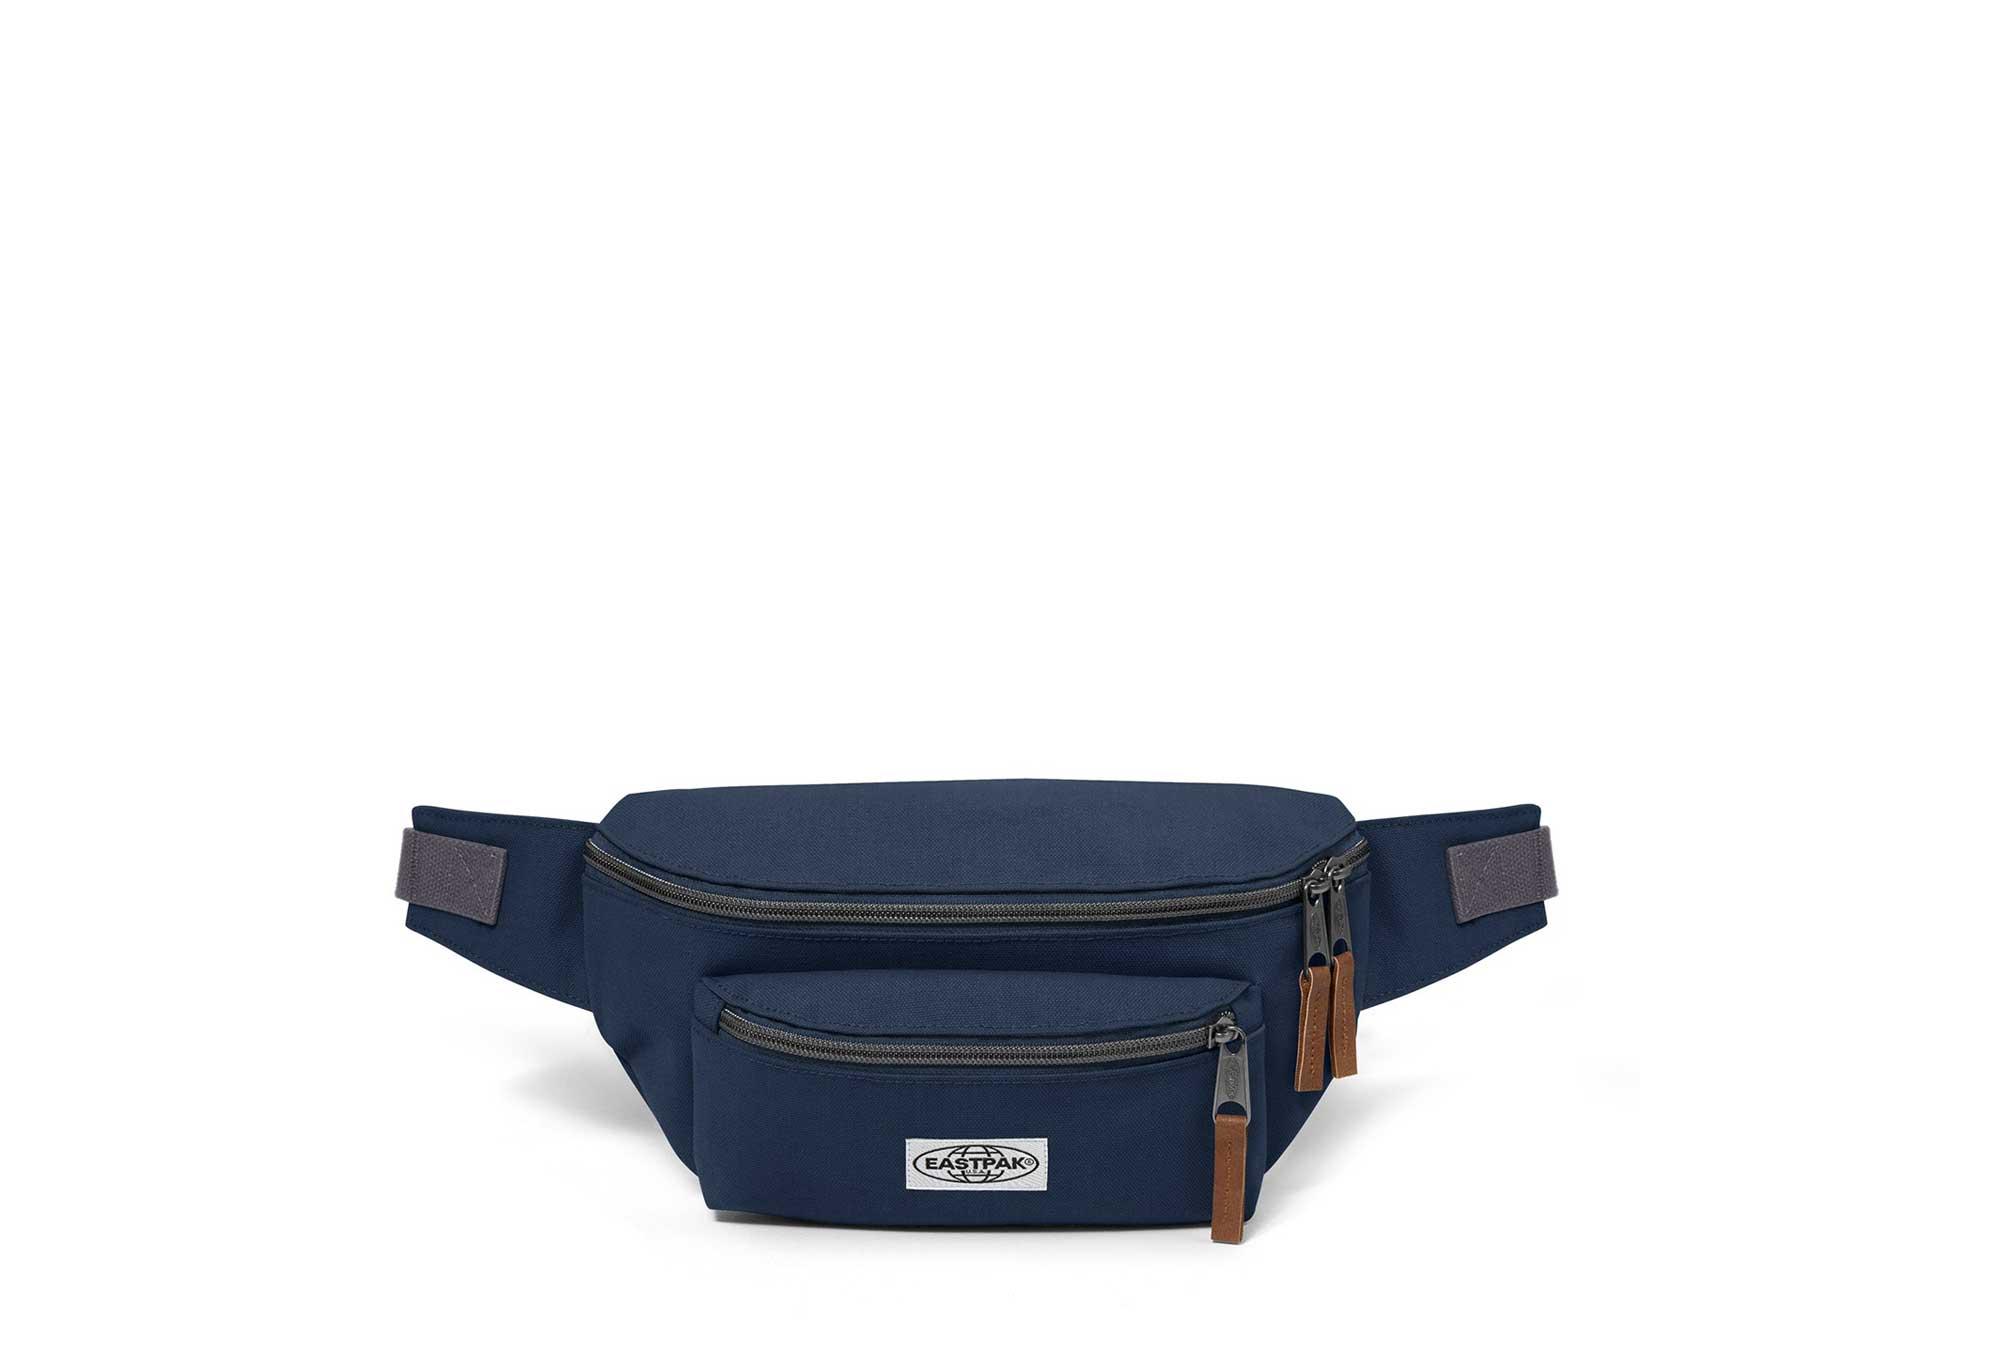 Bestellung beliebte Marke am besten billig Eastpak Doggy Bag Opgrade Night Waist Bag